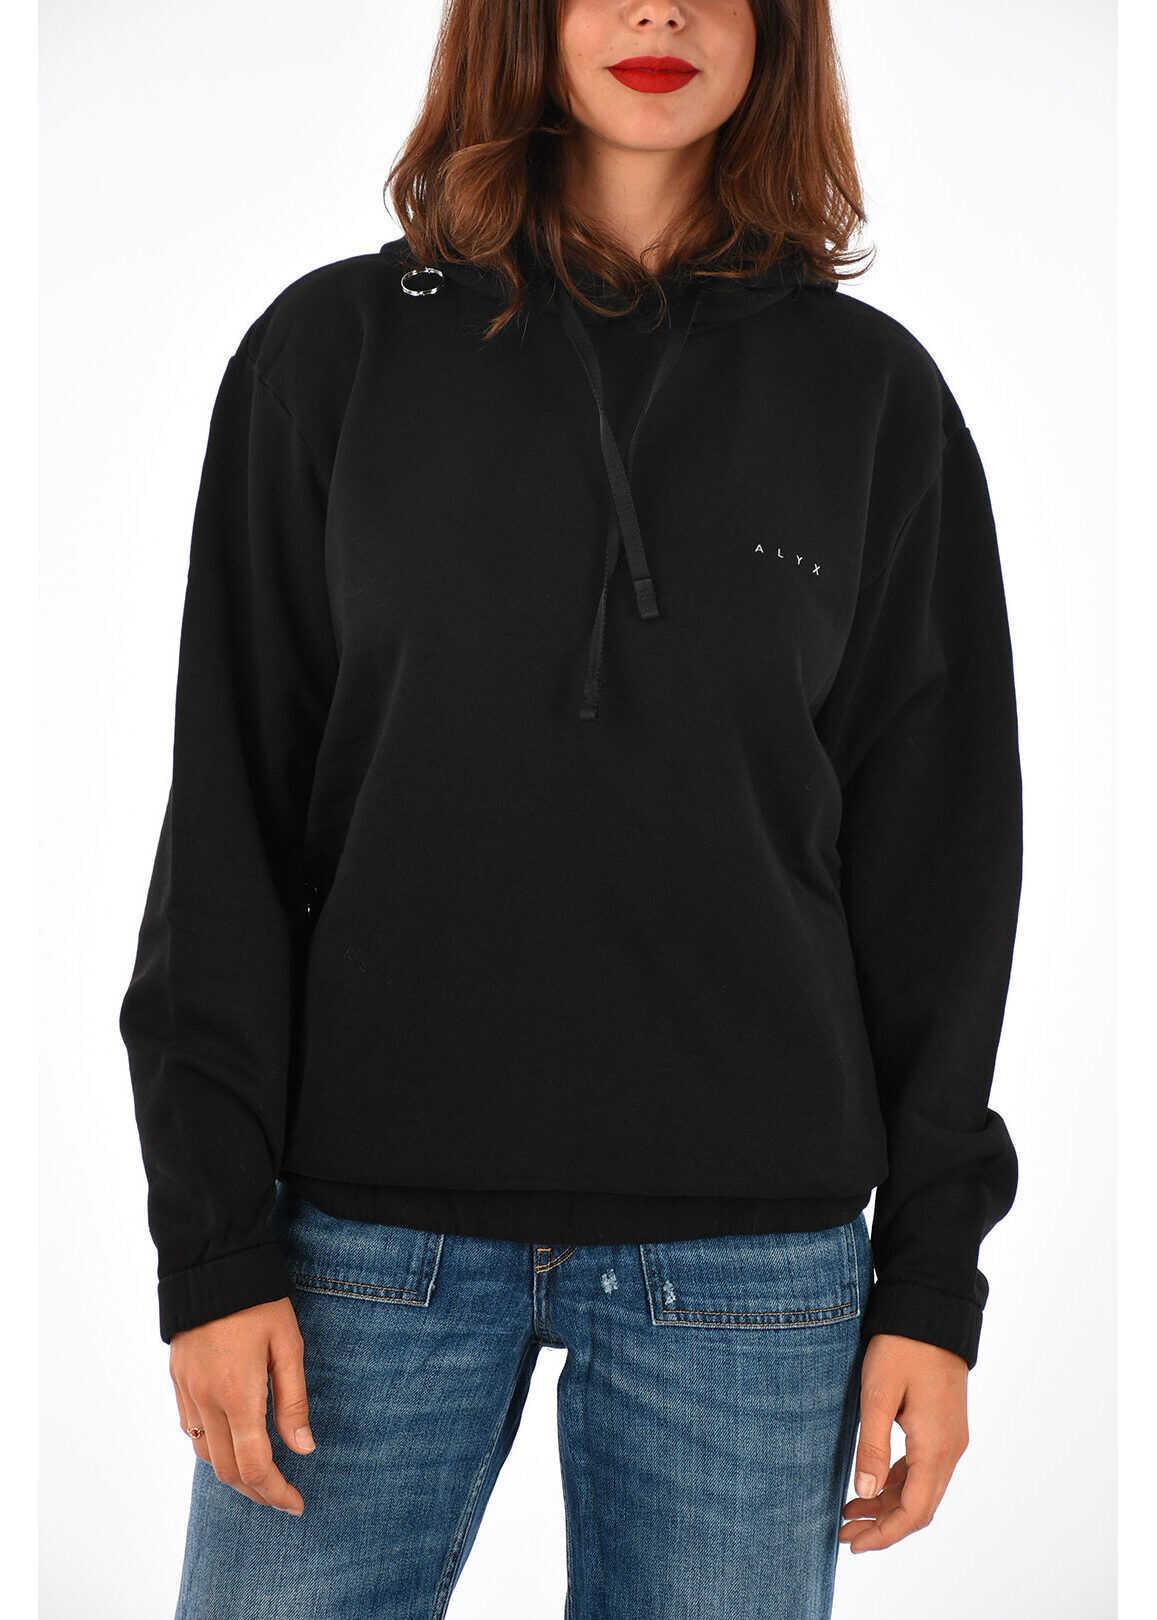 Alyx Hoodie Sweatshirt BLACK